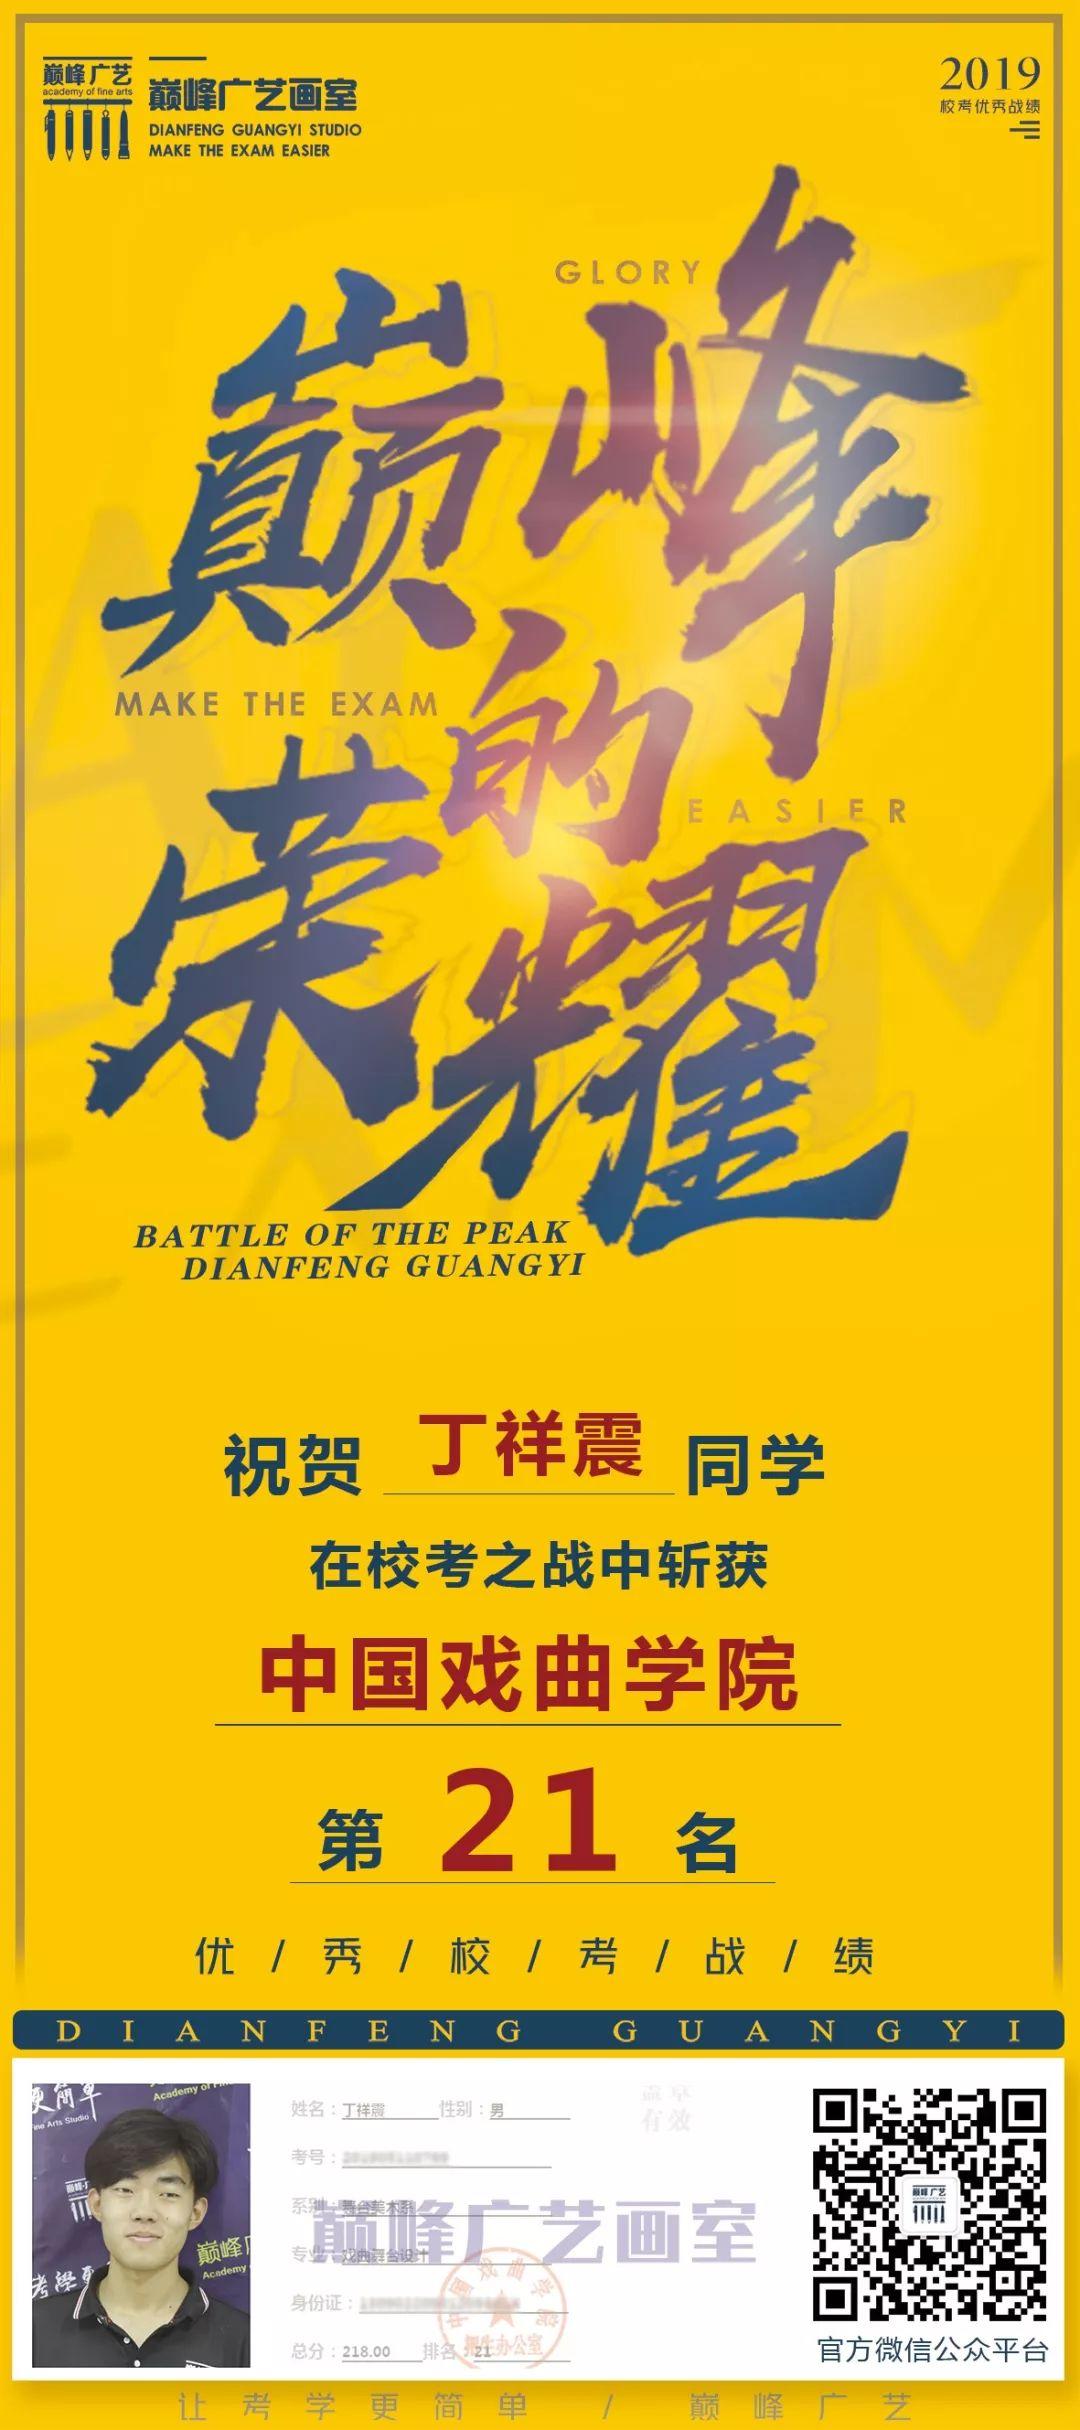 中国传媒大学,北京电影学院,中央戏剧学院,北京巅峰广艺画室       75